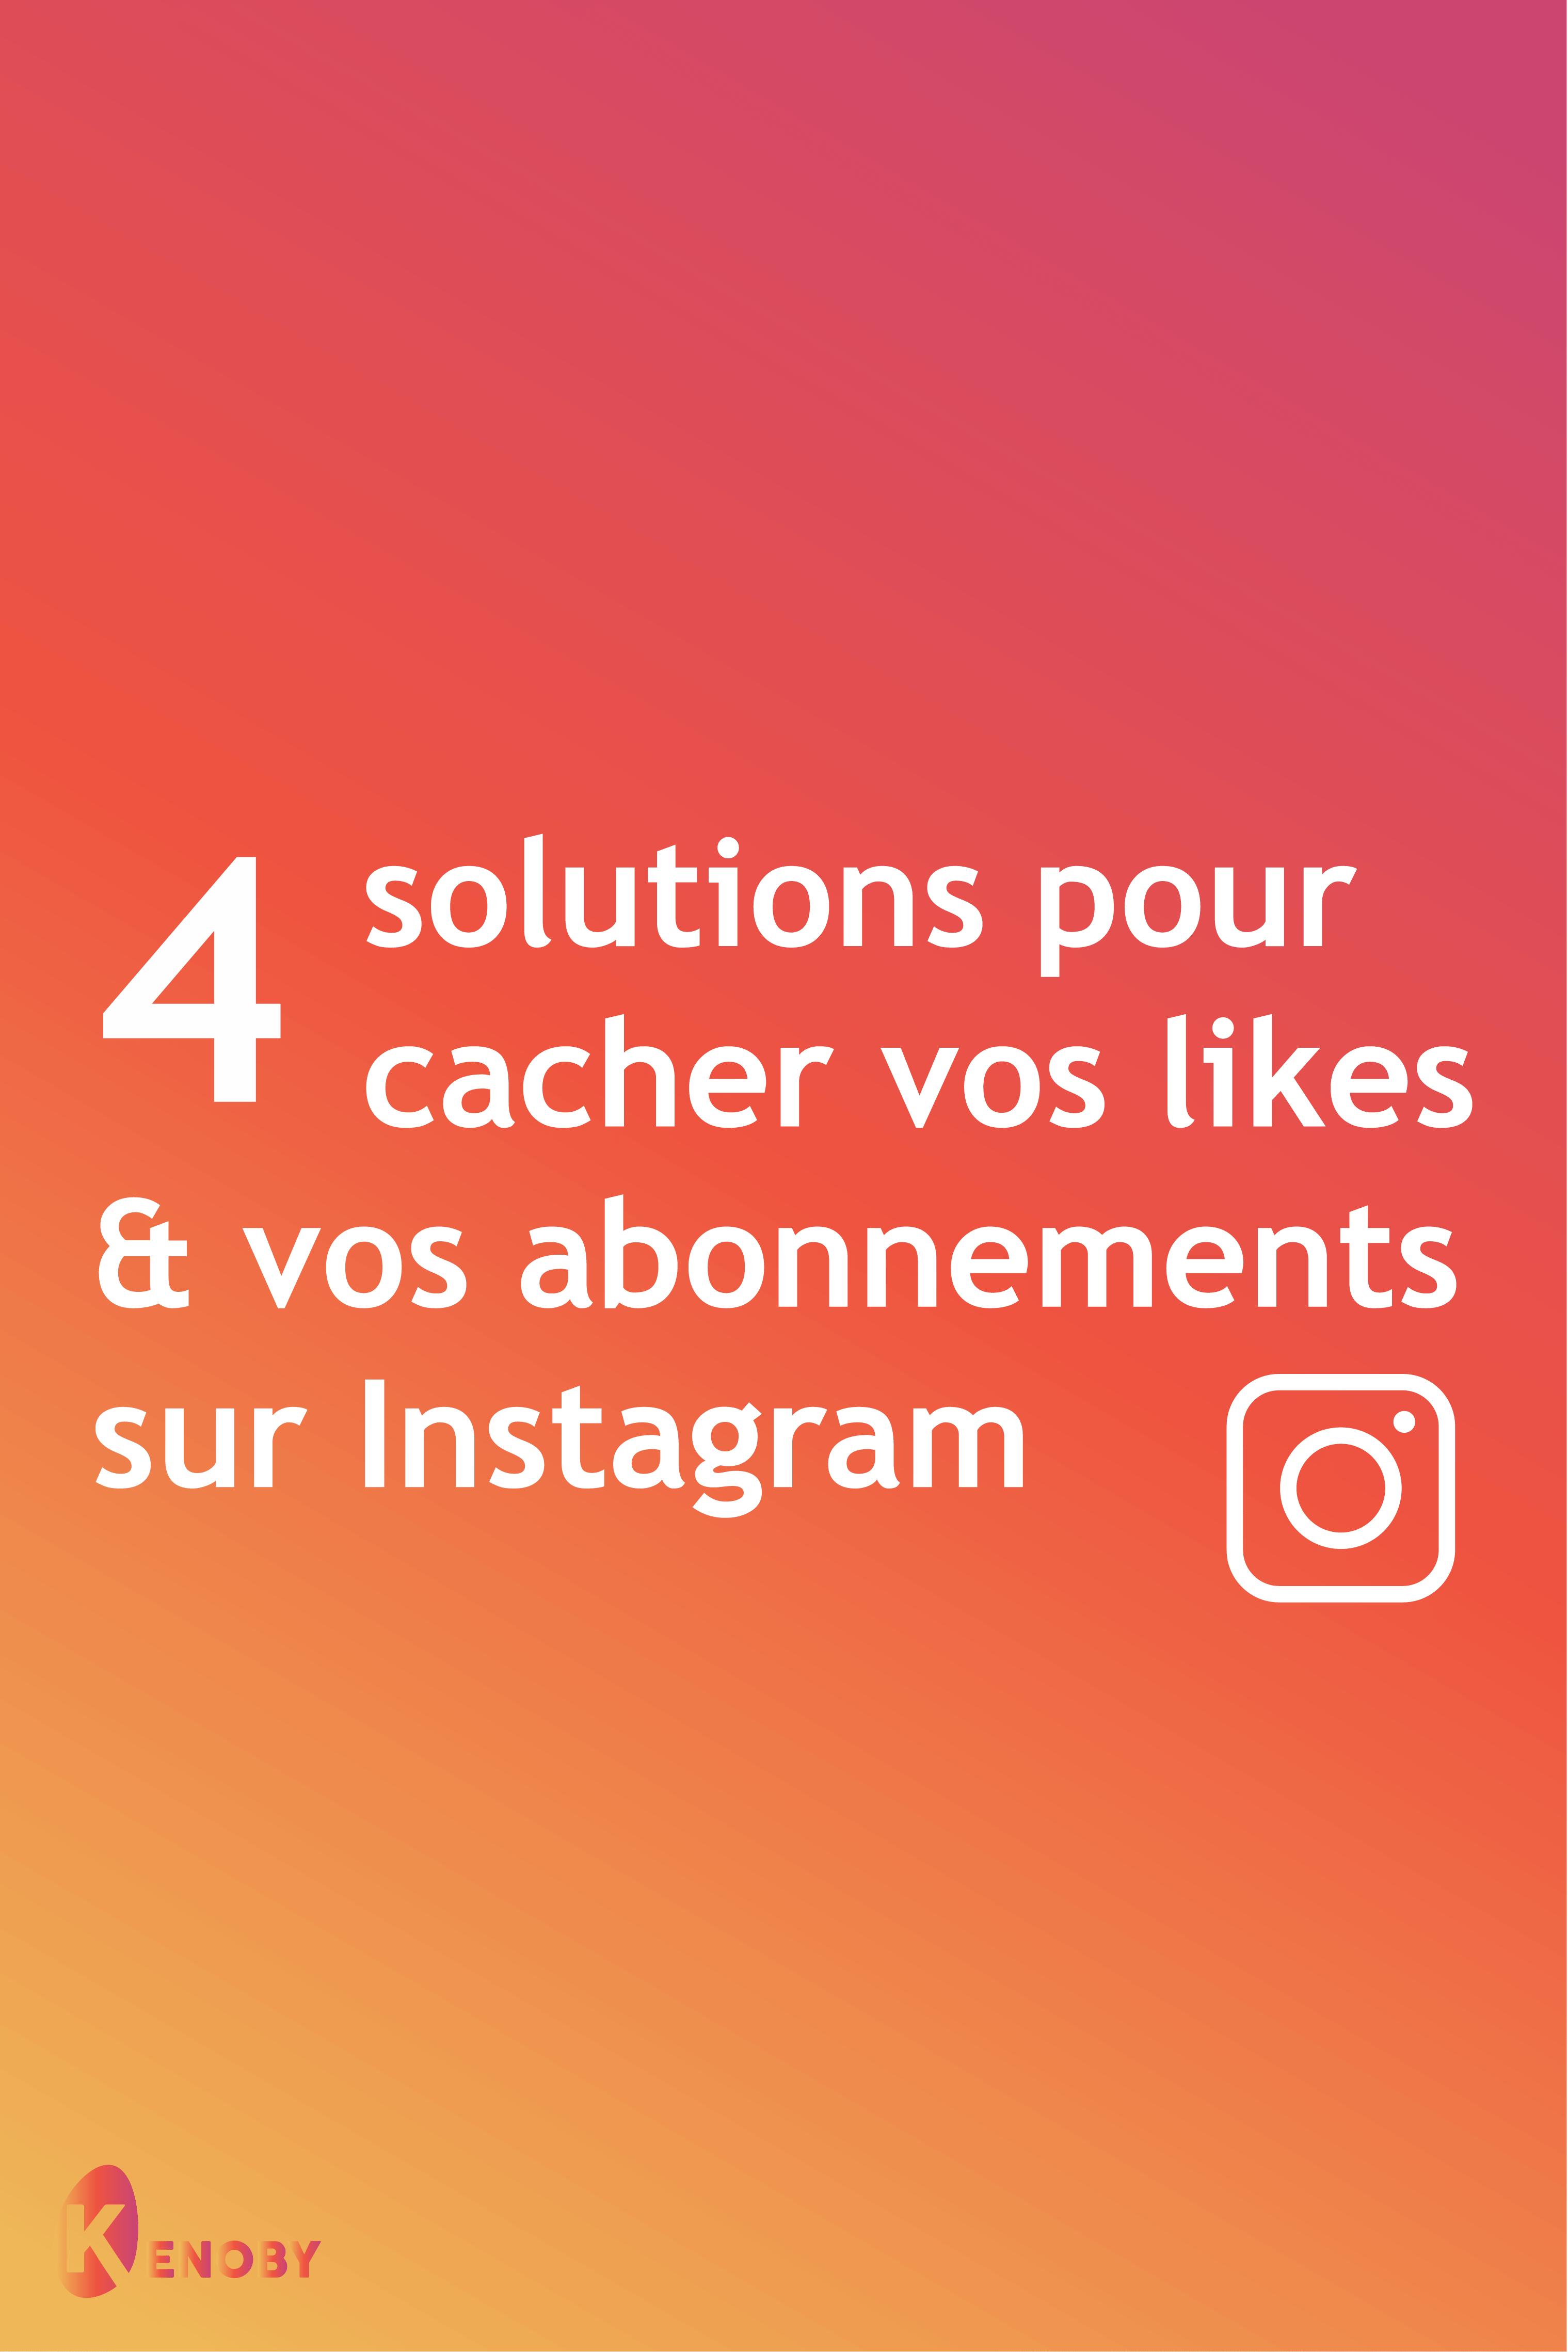 4 solutions pour cacher vos likes et vos abonnements sur Instagram